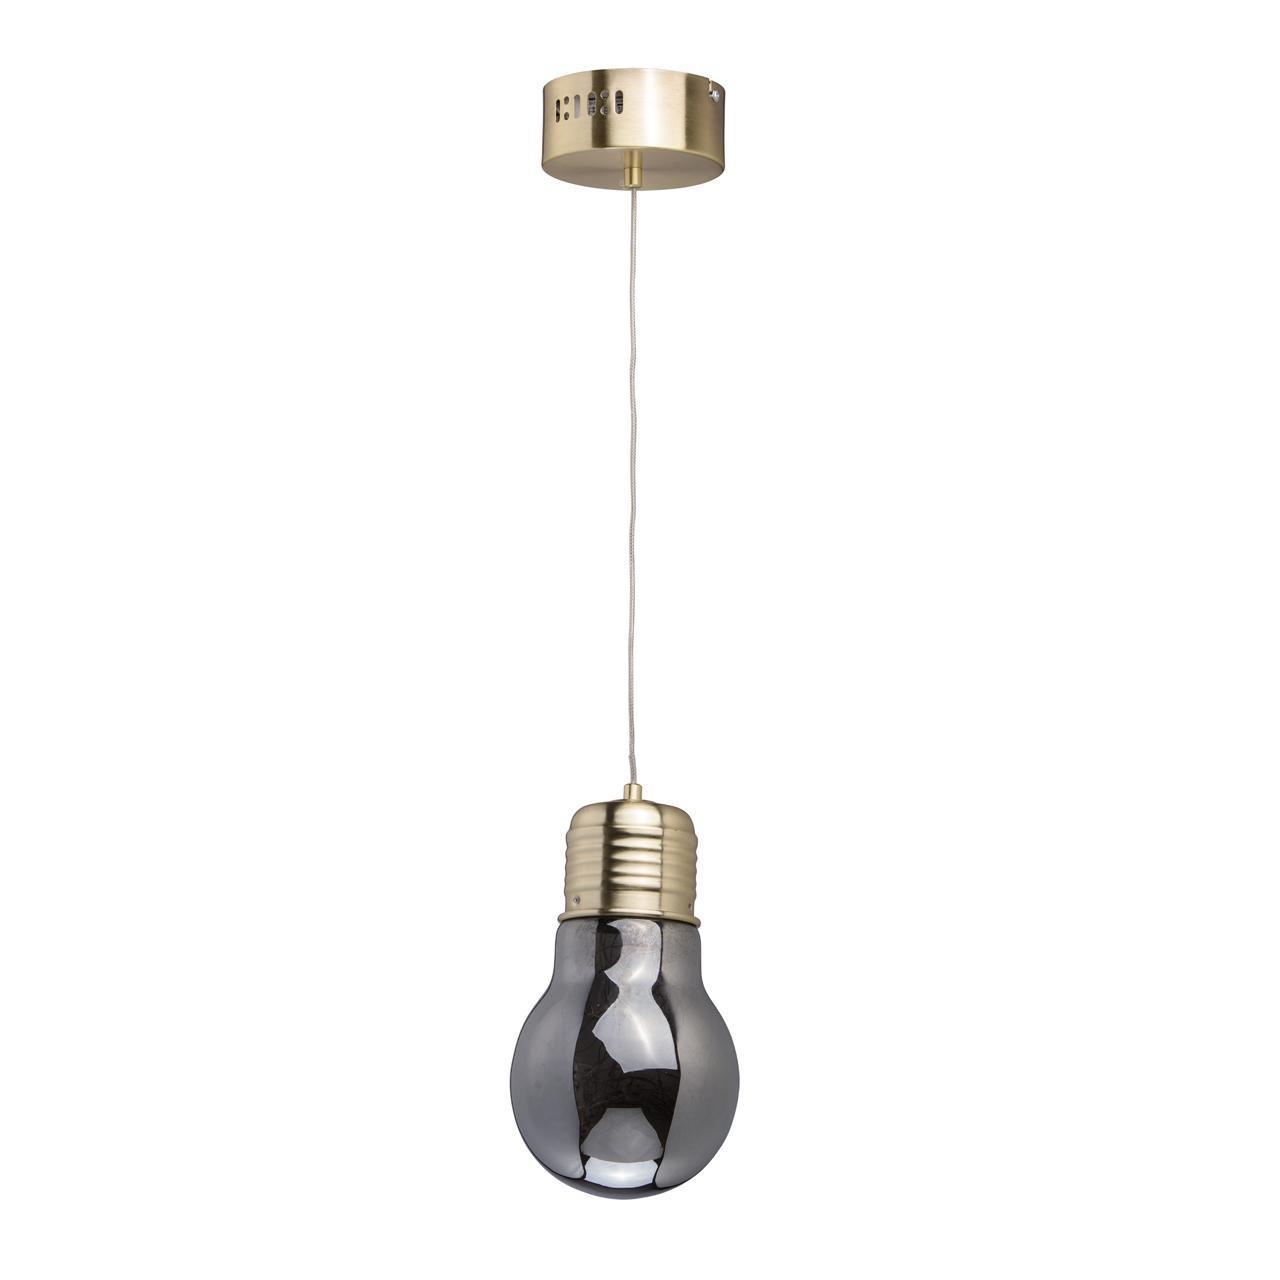 Подвесной светодиодный светильник MW-Light Фрайталь 6 663011601 подвесной светильник mw light сандра 811010301 page 6